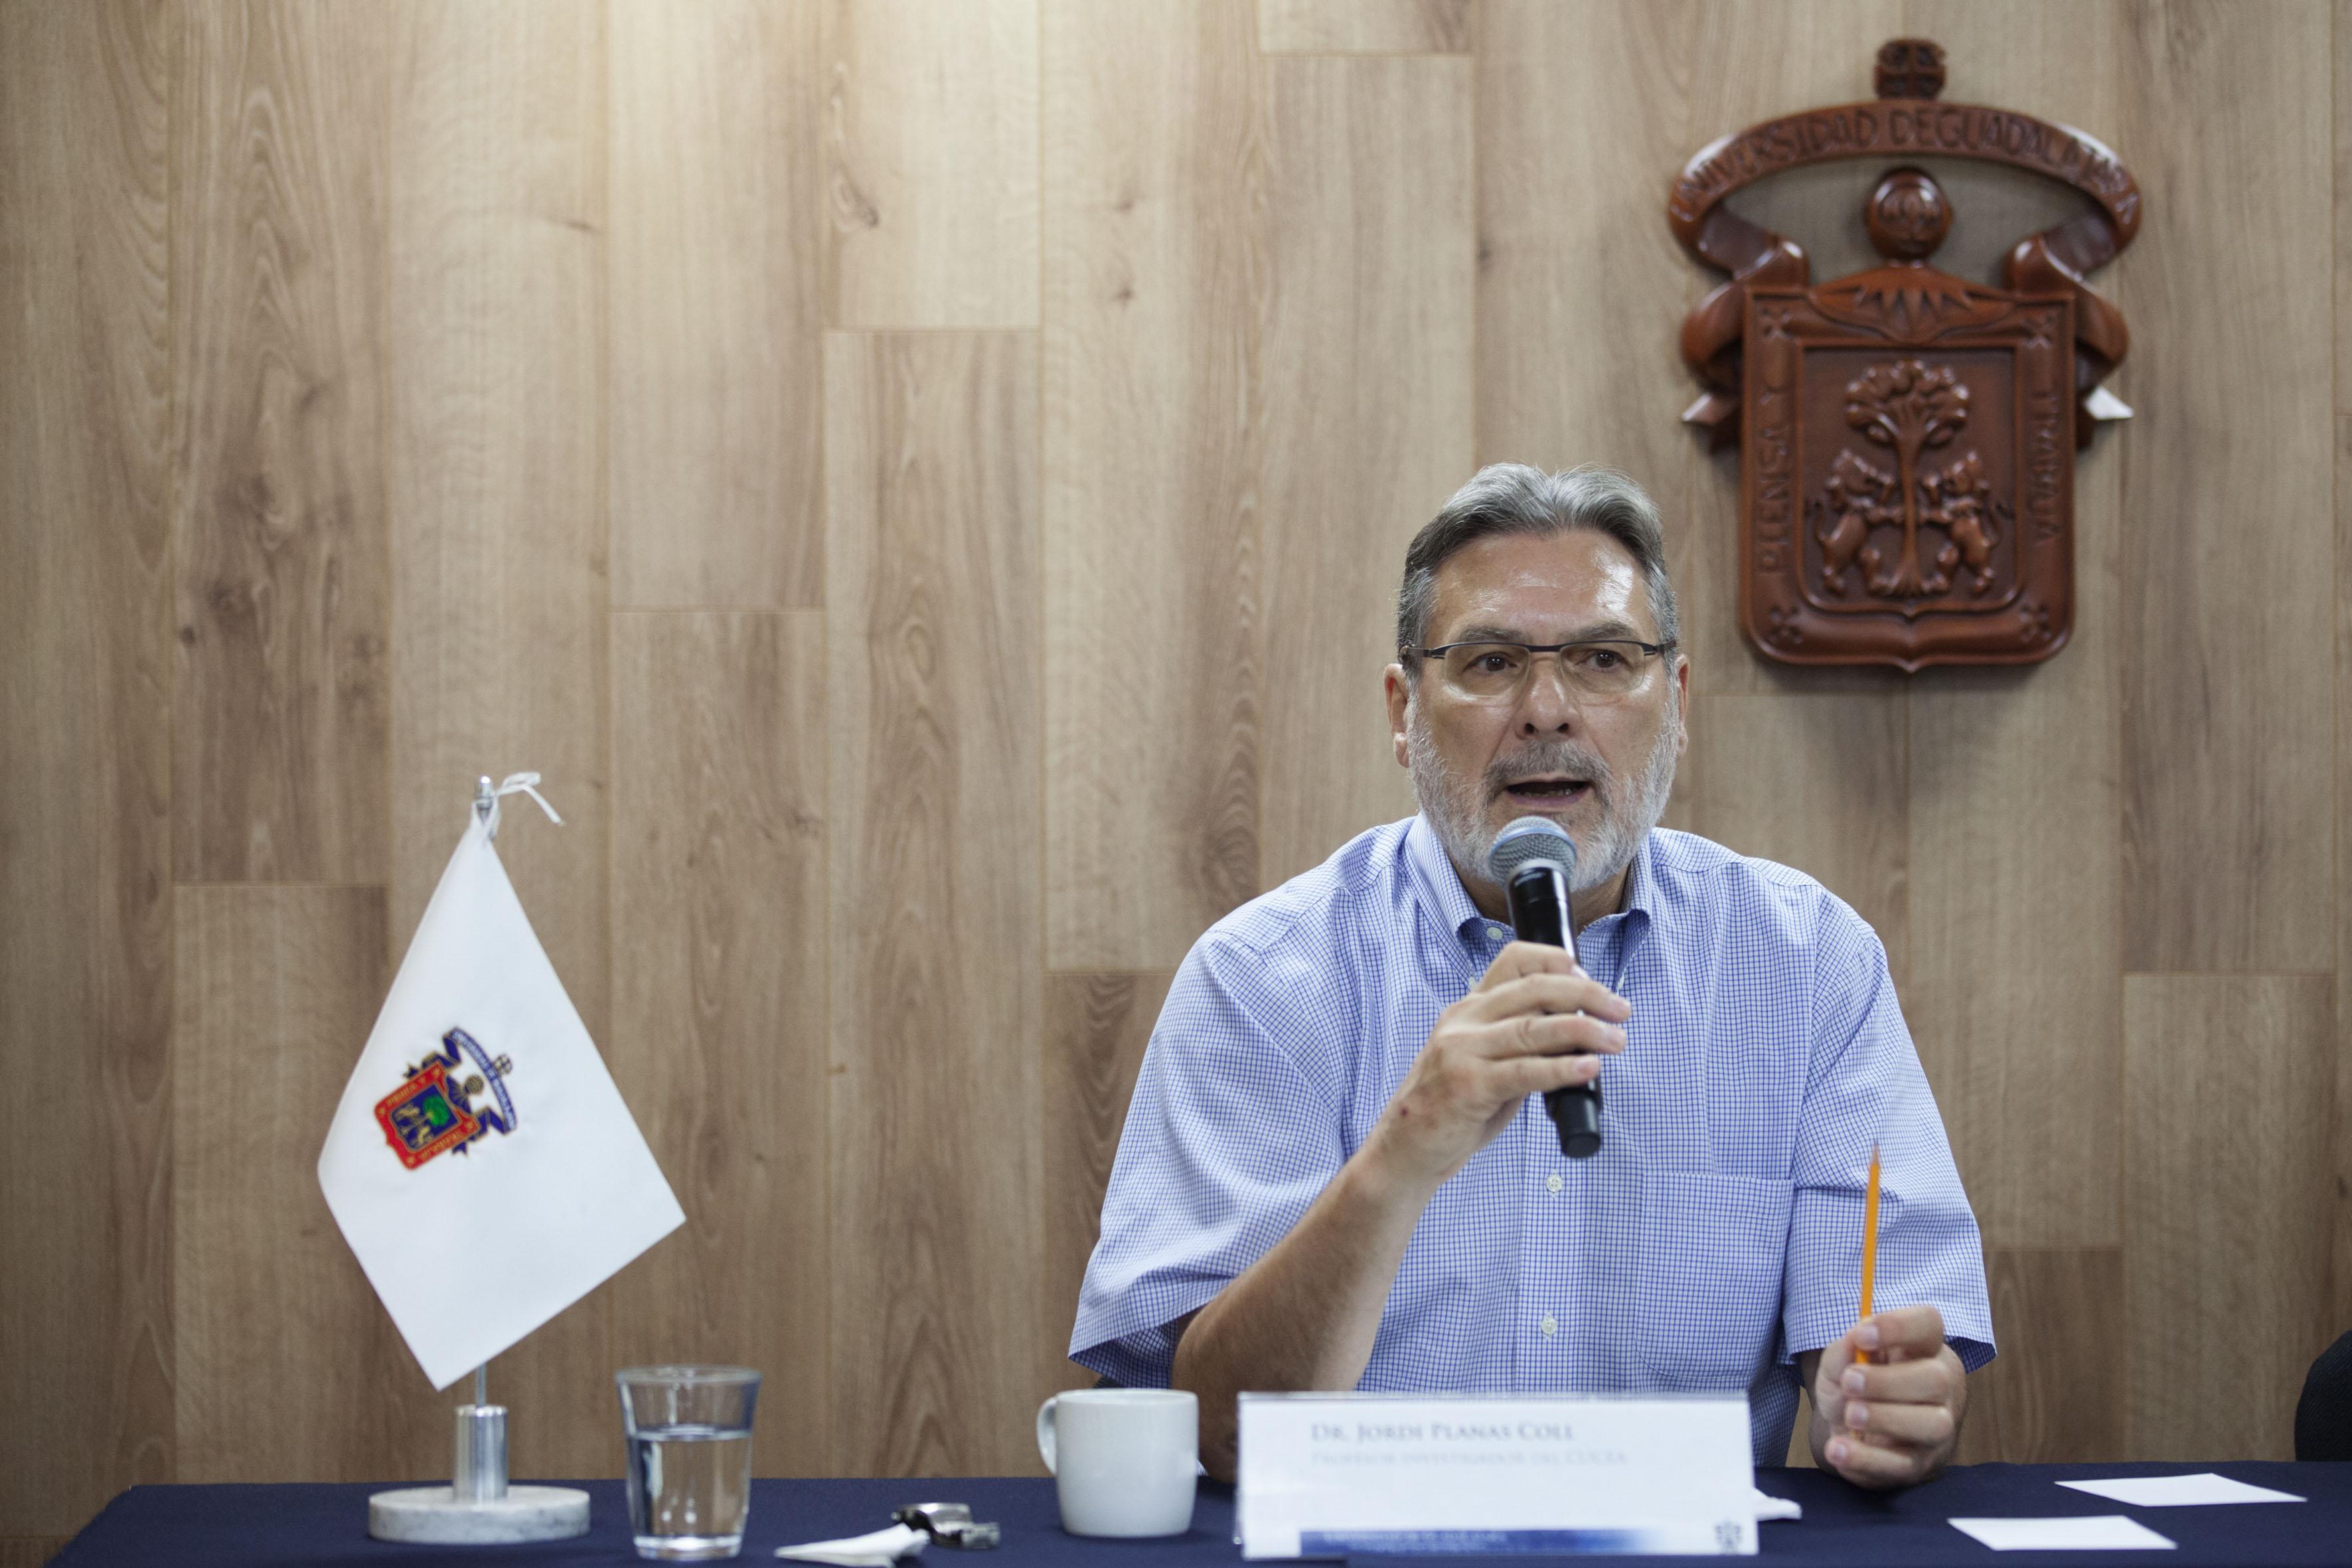 Doctor Jordi Plans Coll, profesor e investigador del Centro Universitario de Ciencias Económico Administrativas (CUCEA) de la Universidad de Guadalajara,  haciendo uso de la palabra.